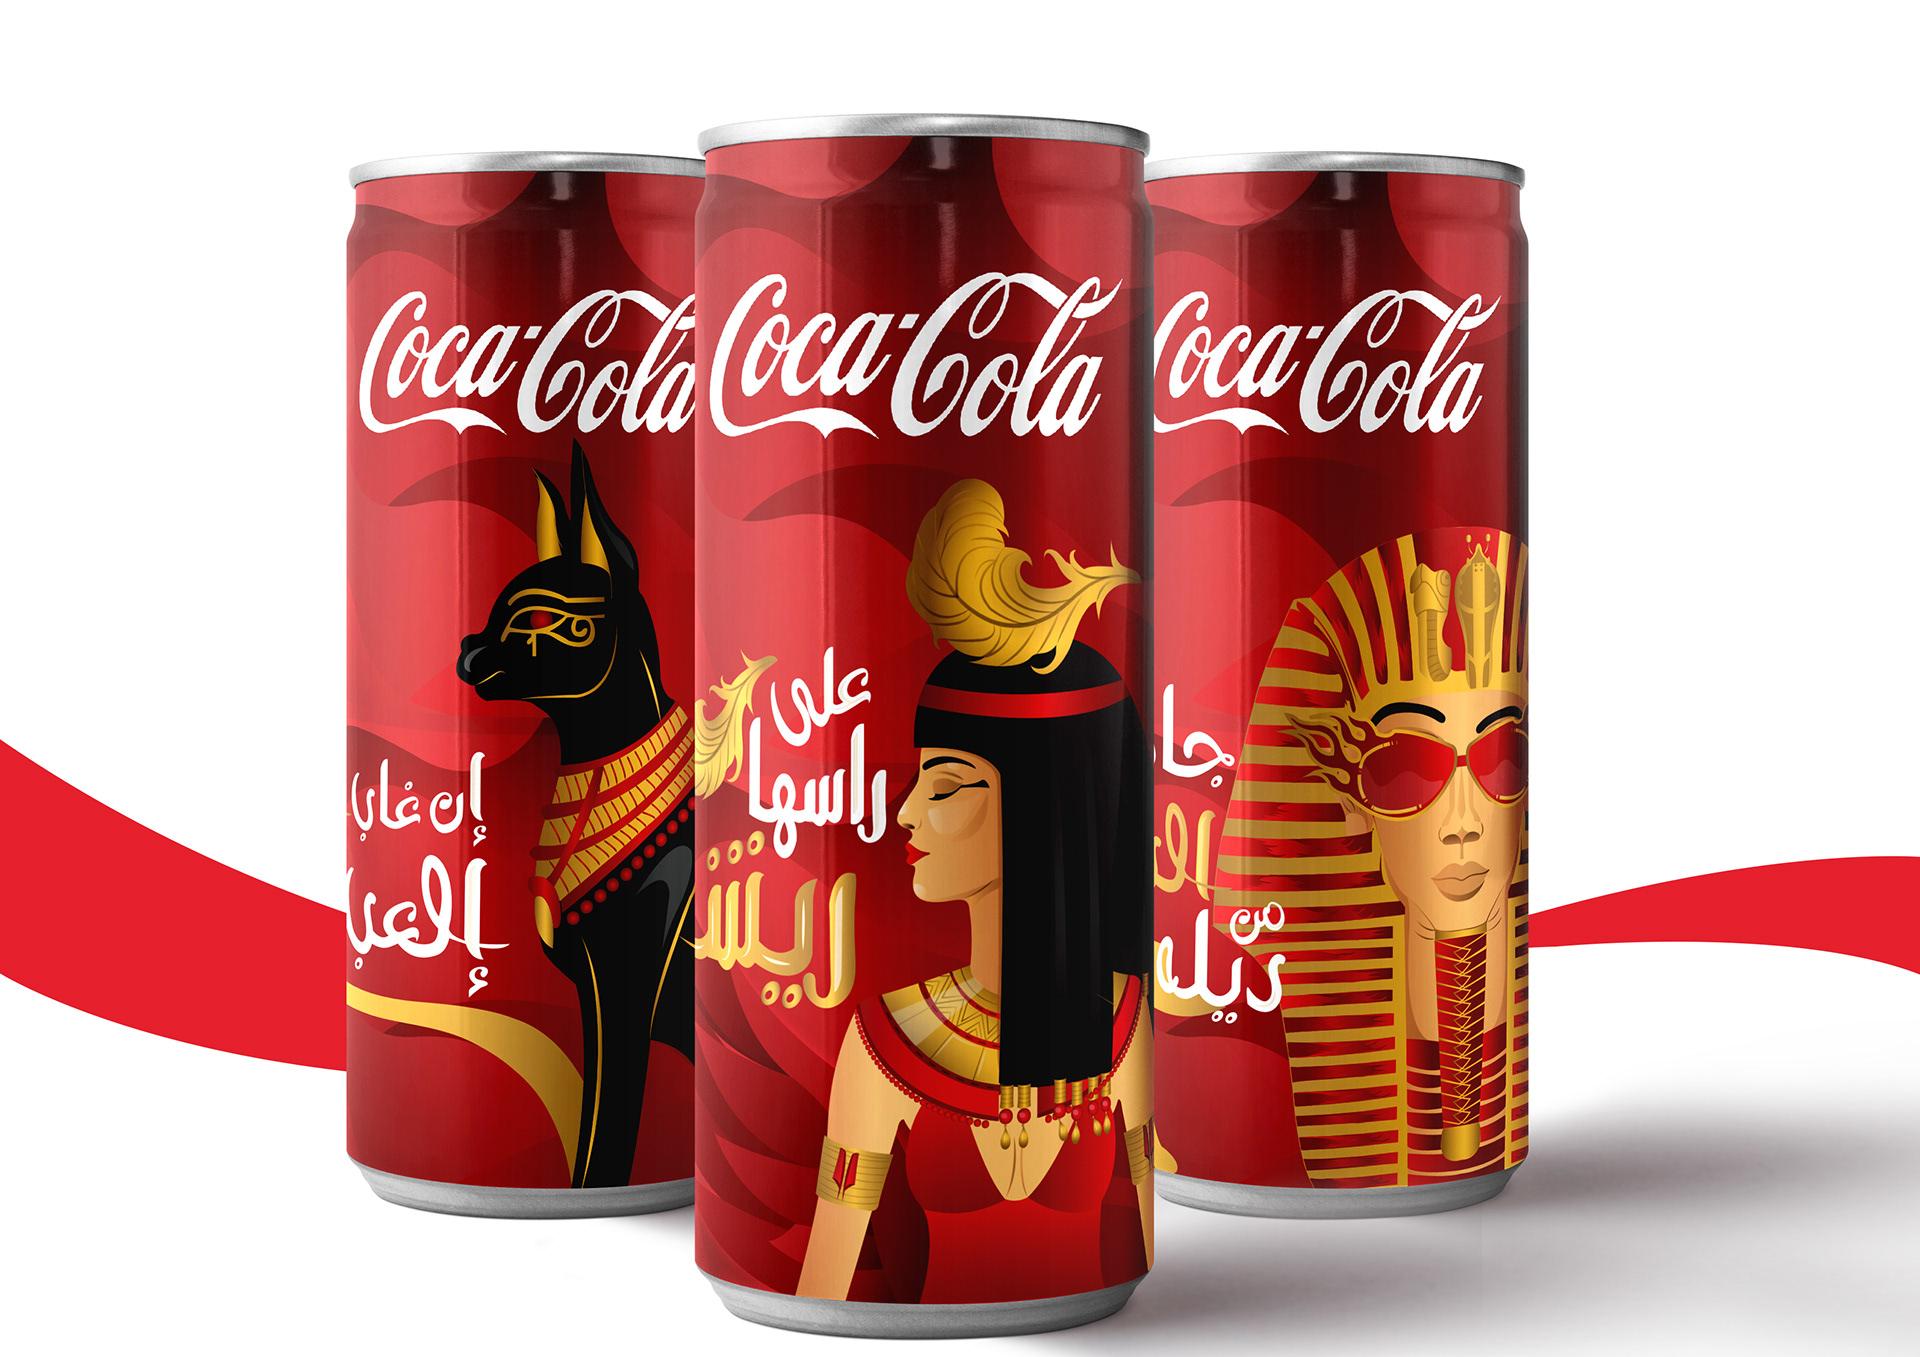 北京包装设计分享埃及博物馆的可口可乐包装设计